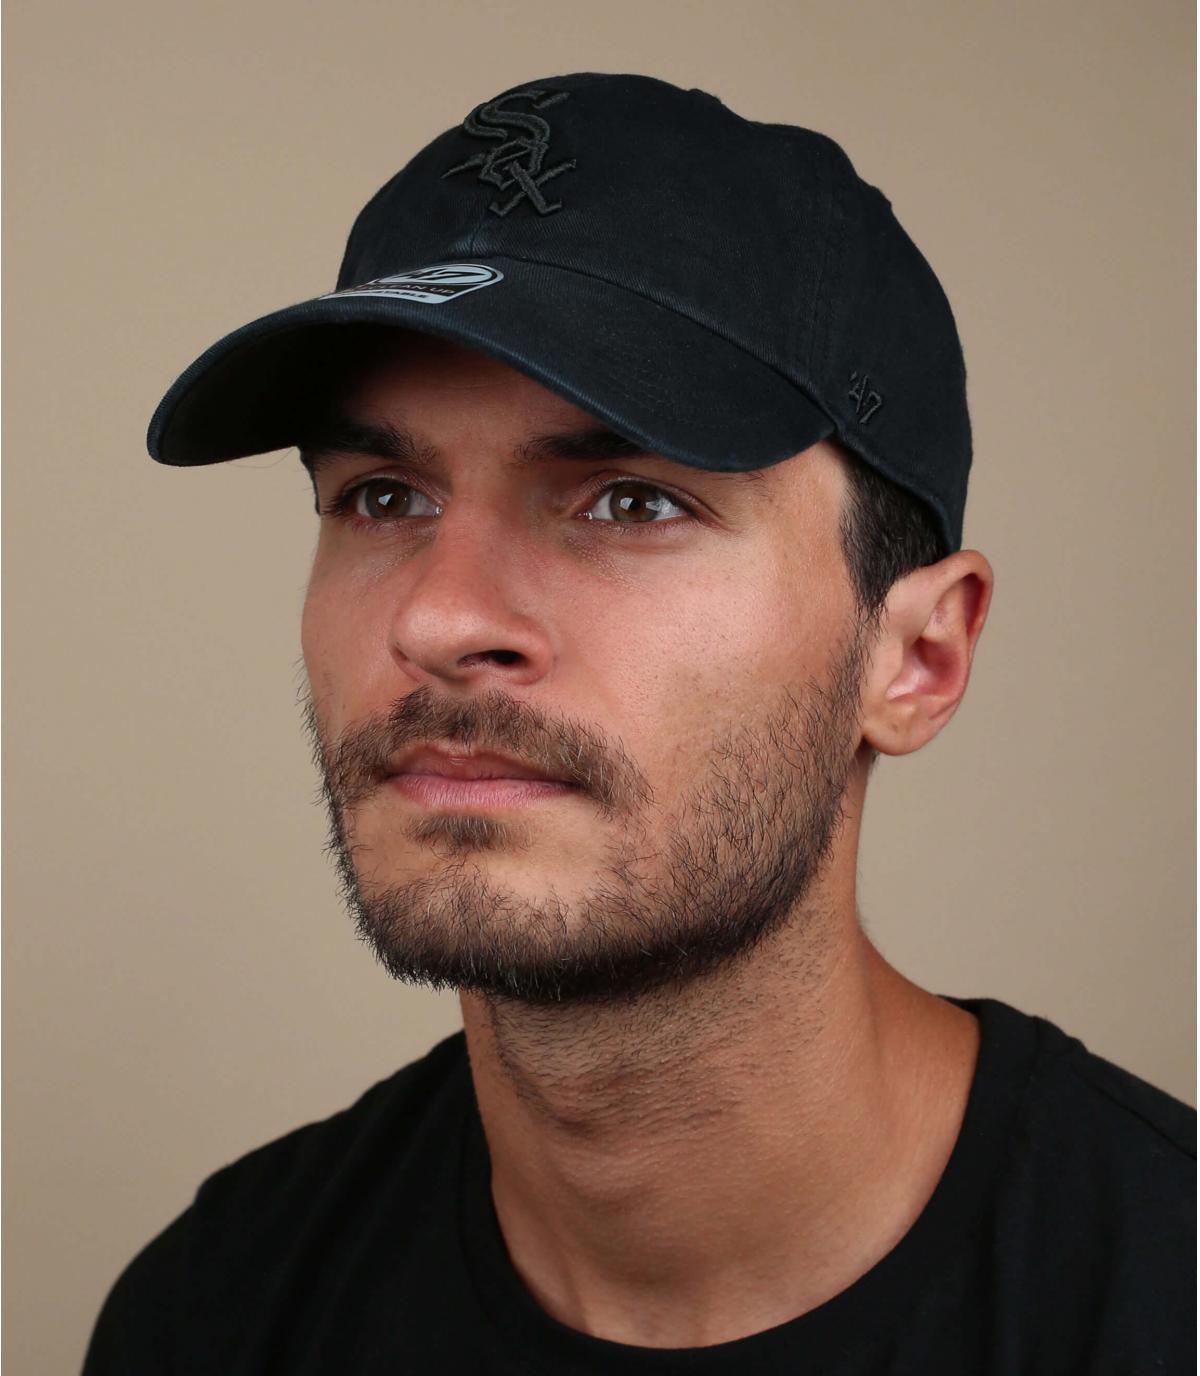 Sox black curve cap